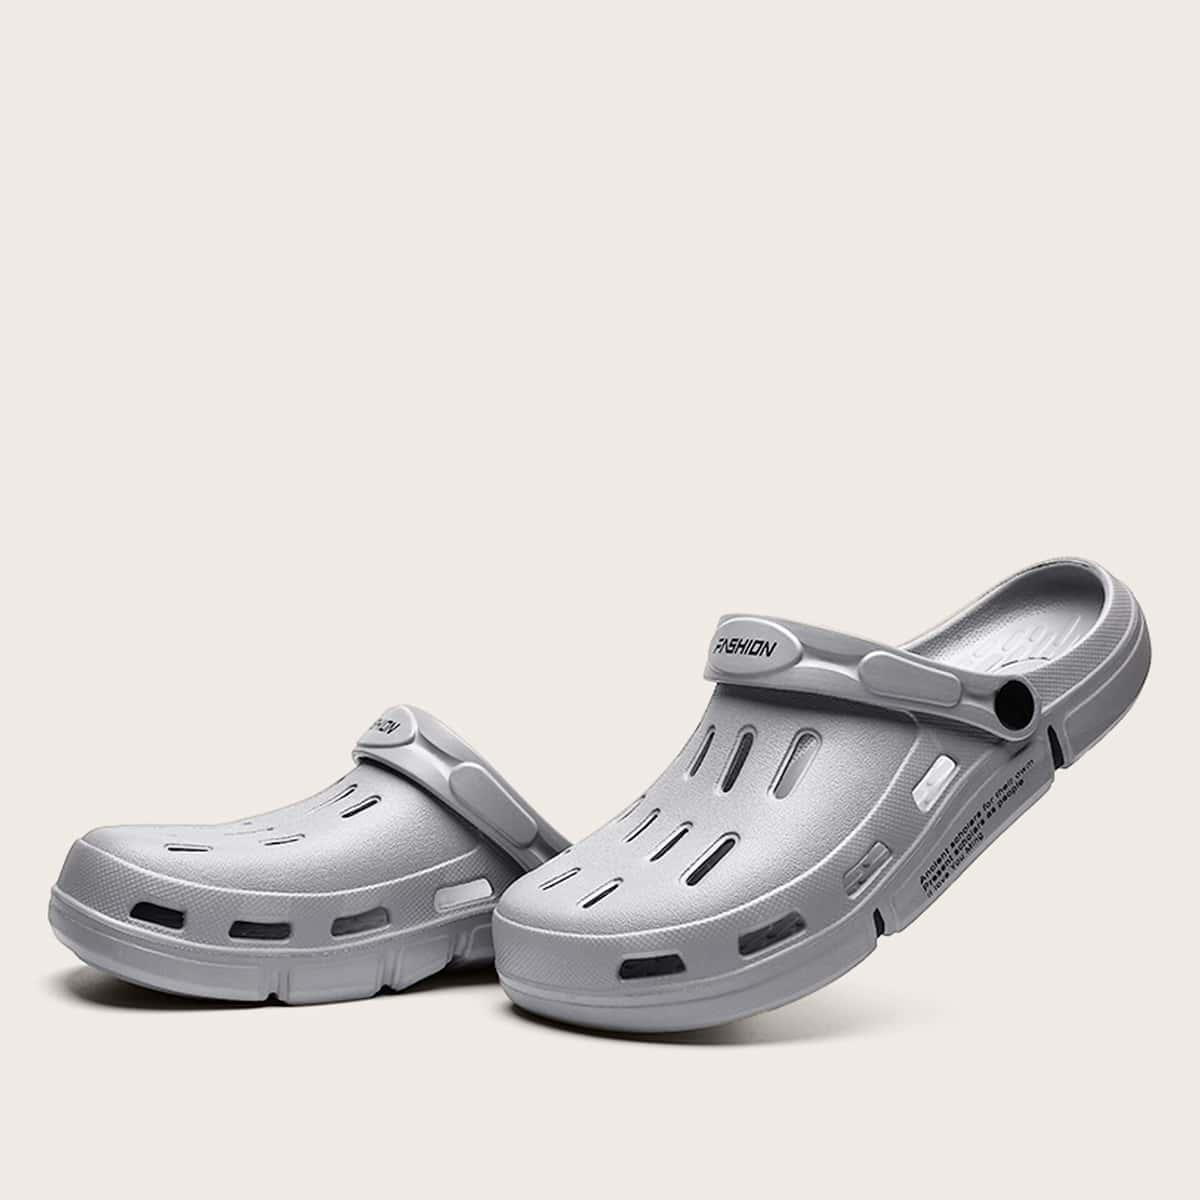 Mannen brief grafische sandalen